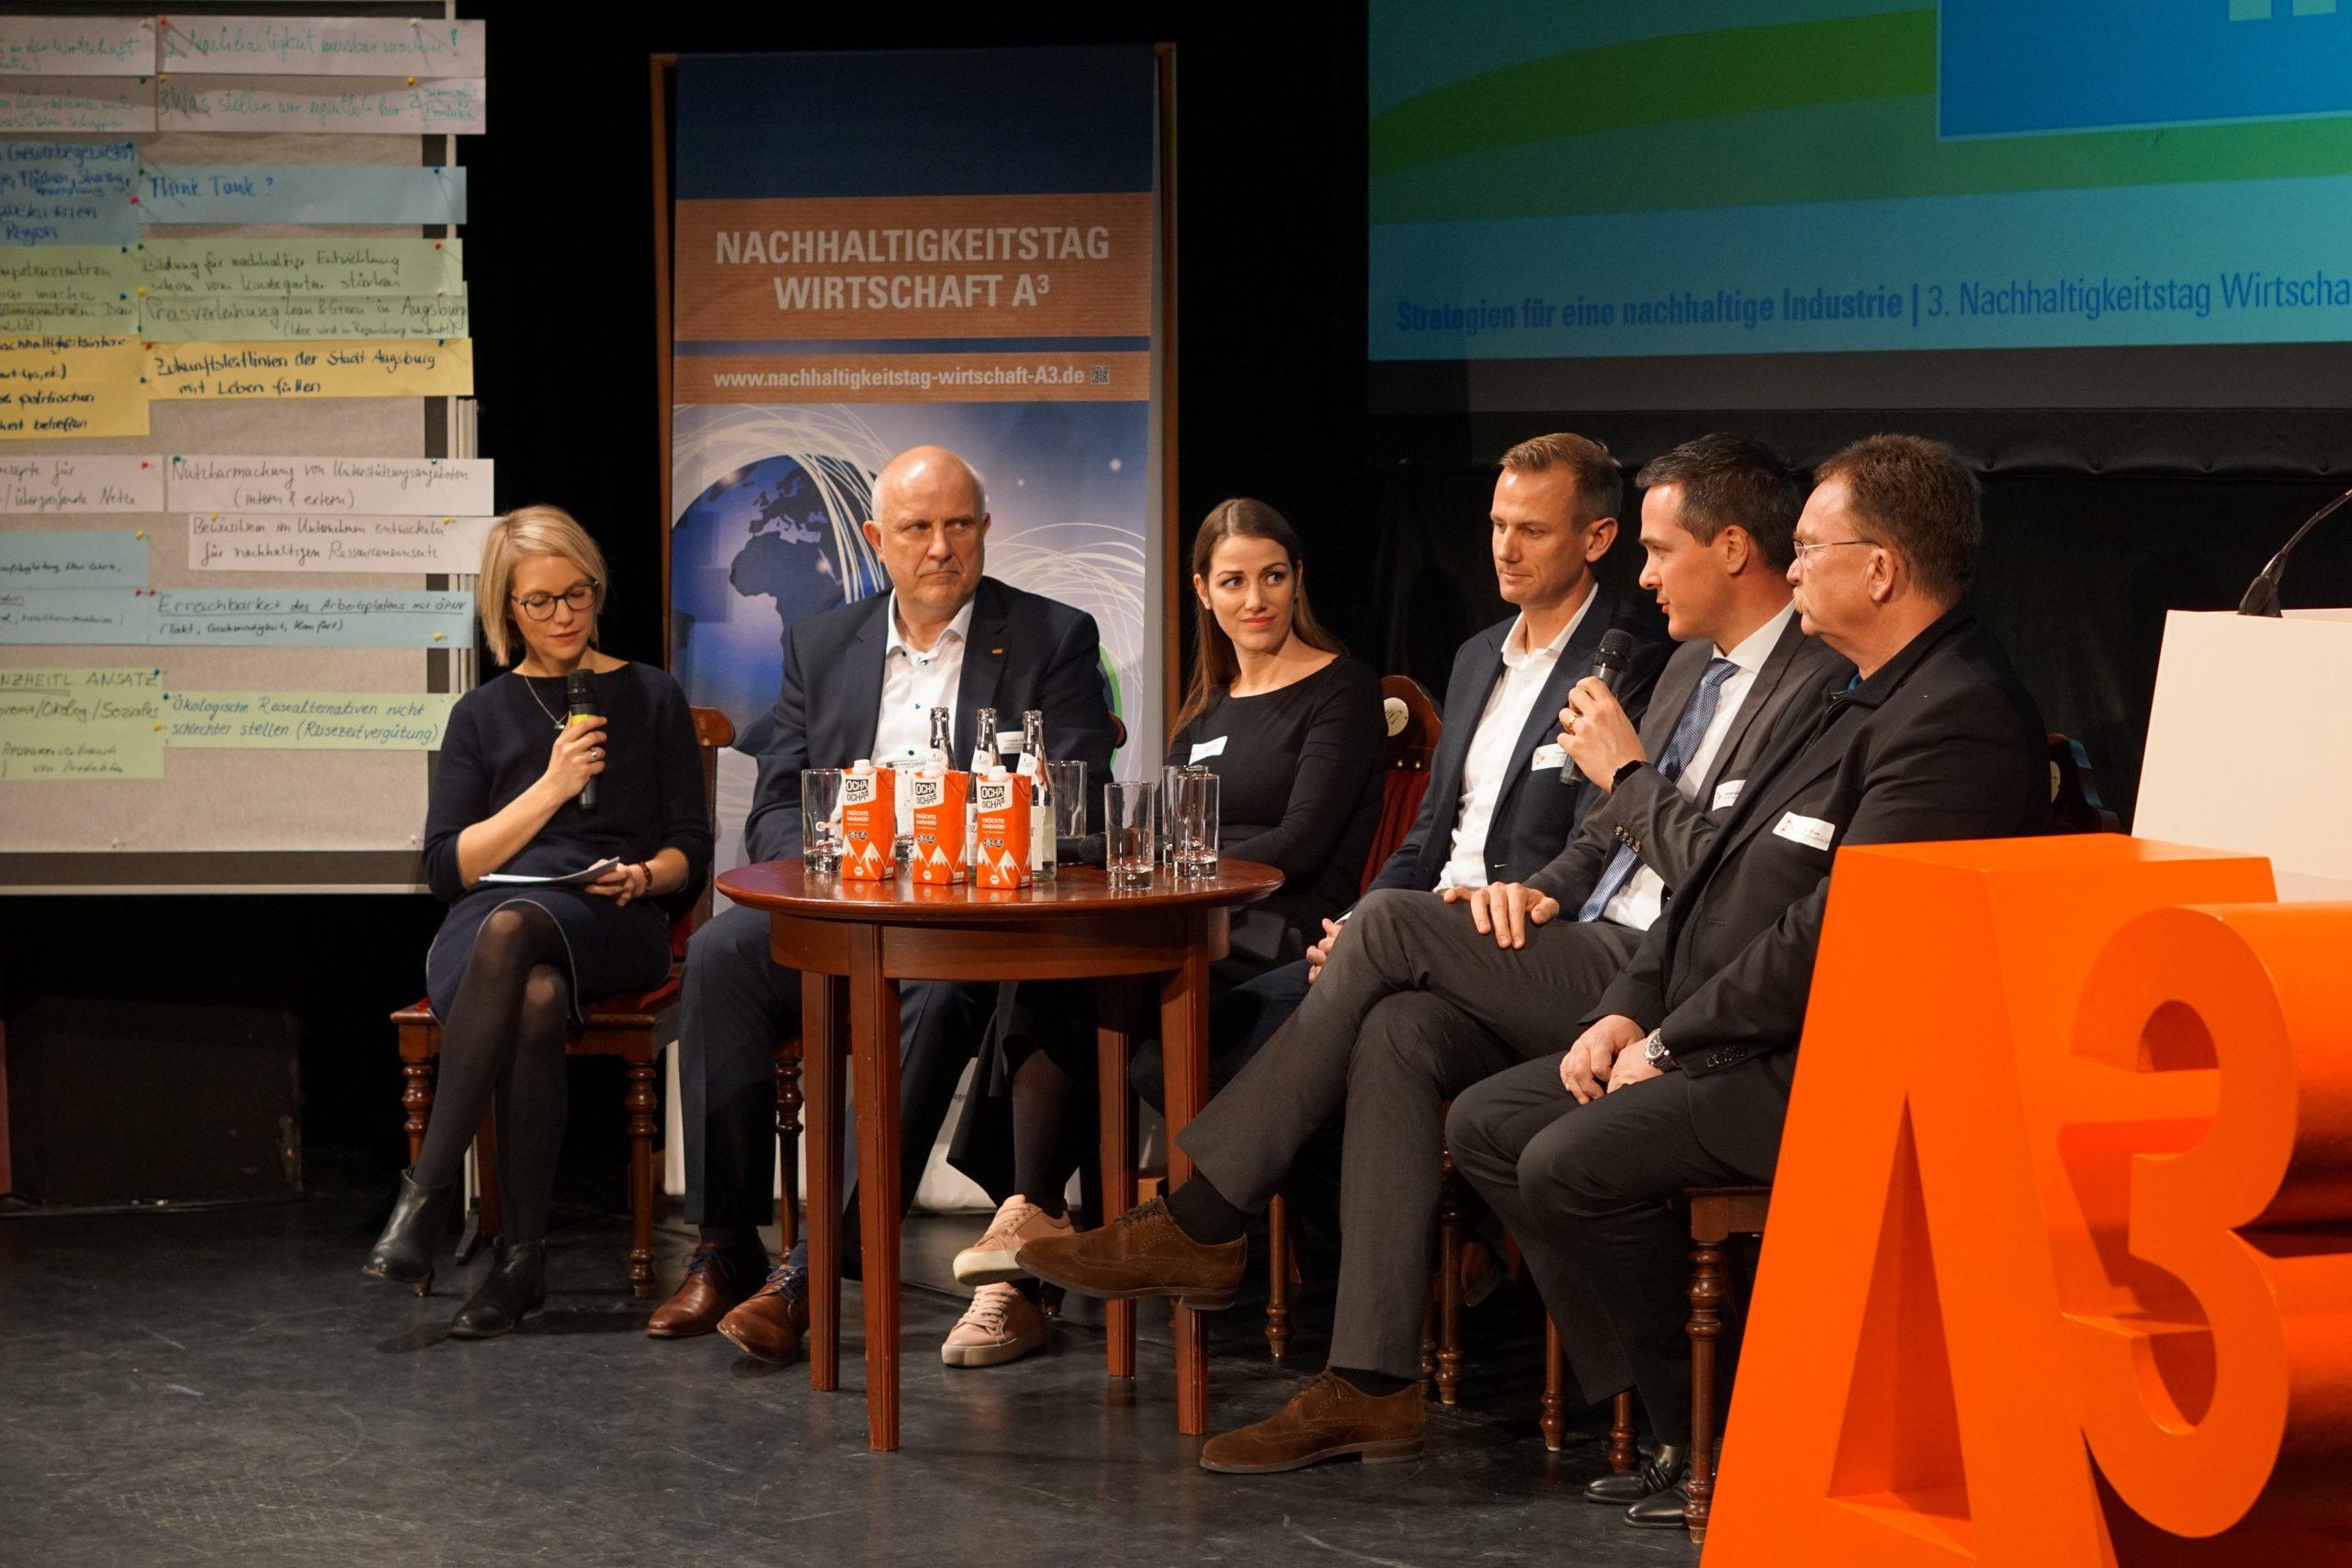 Unternehmensvertreter diskutierten bei einer Podiumsdiskussion die erarbeiteten Ergebnisse am Nachhaltigkeitstag Wirtschaft 2019.